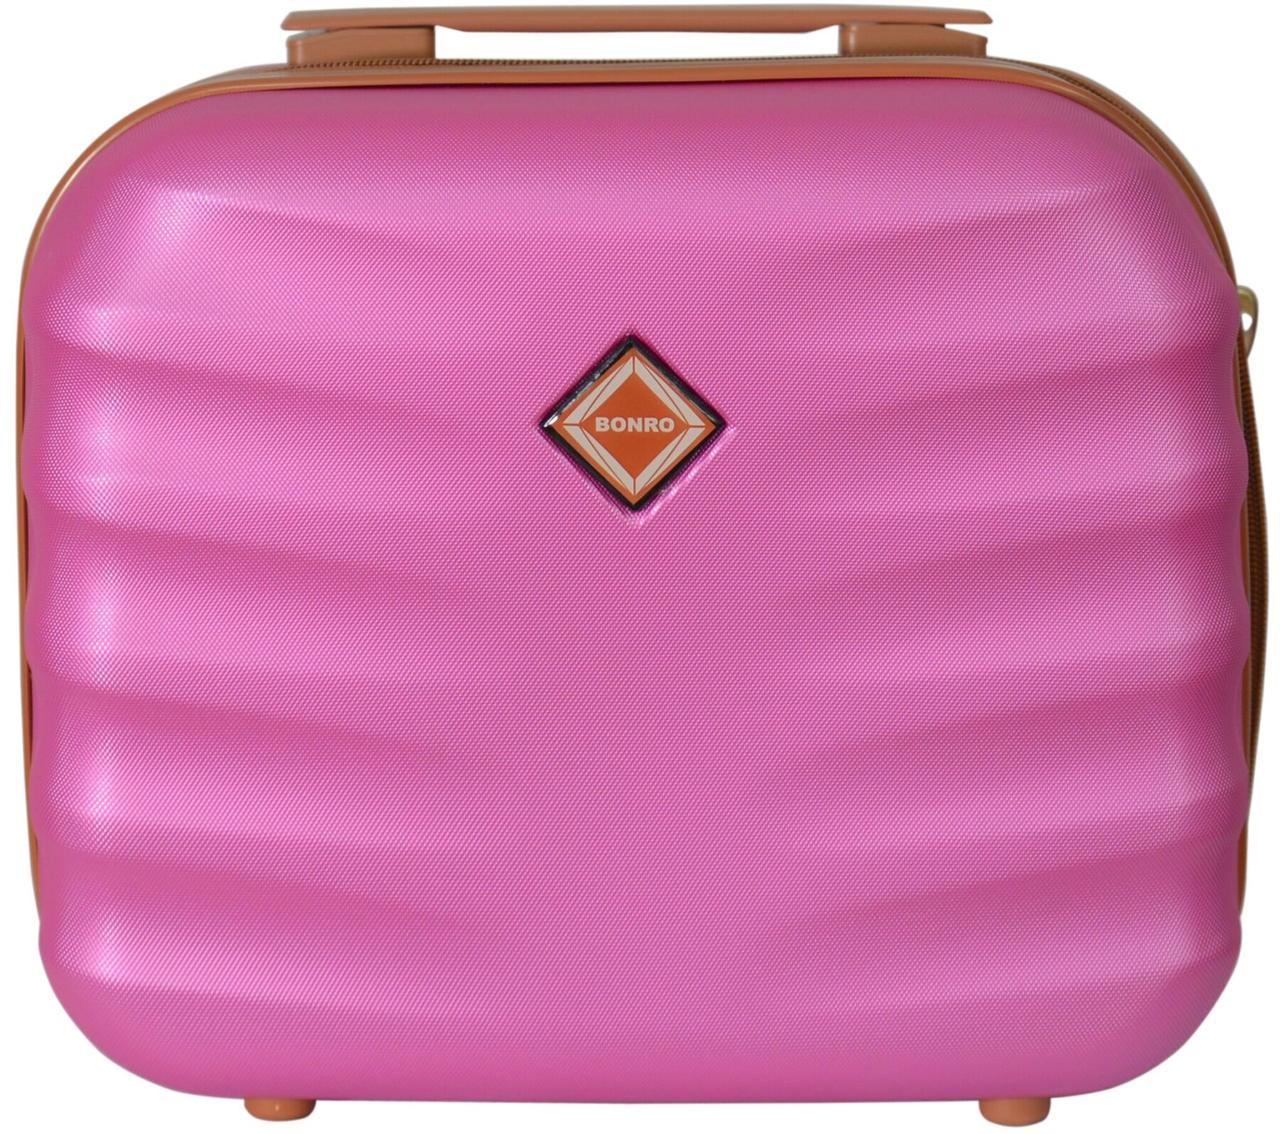 Кейс дорожній Bonro Next середній розовий (10060106)